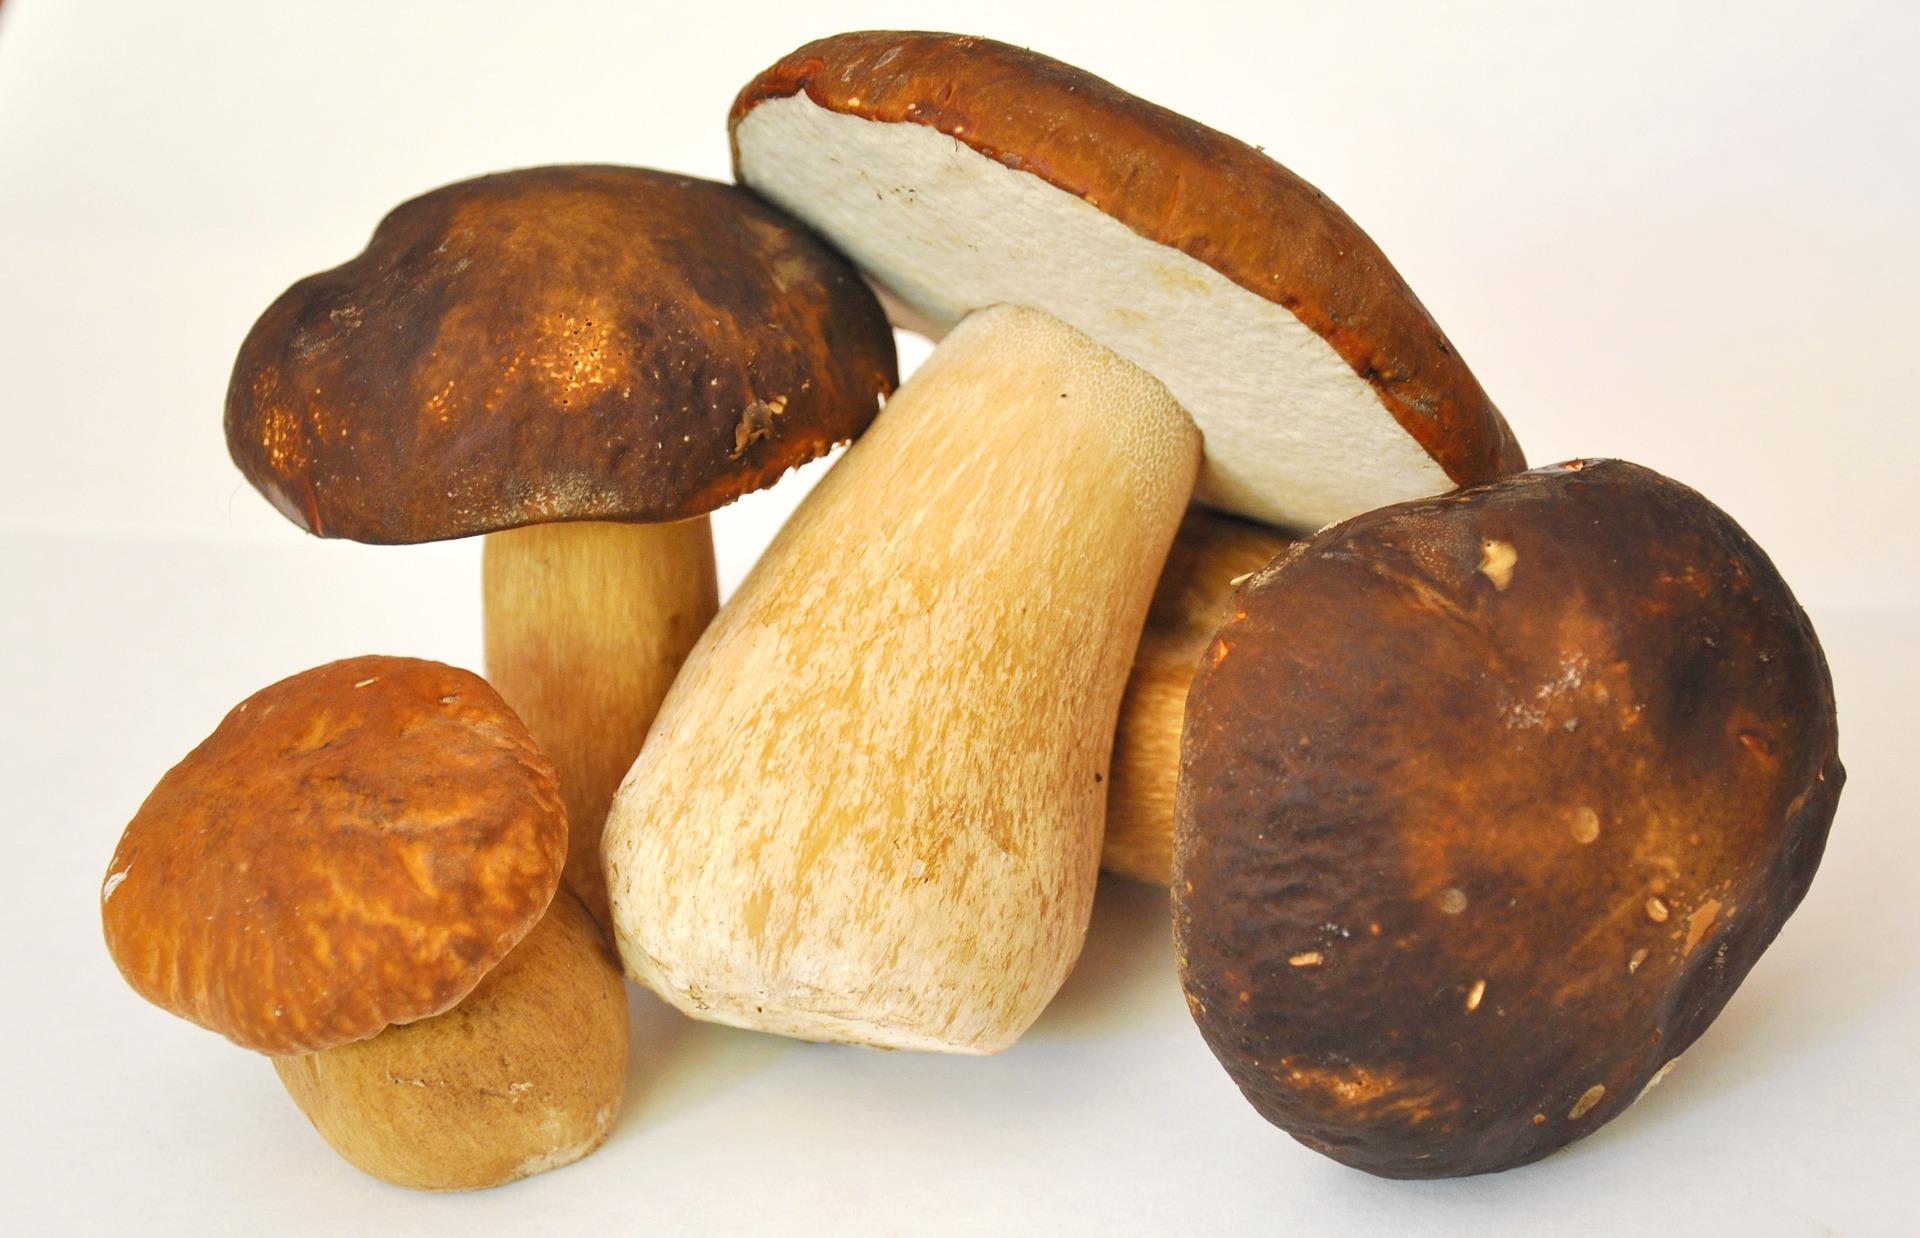 come scegliere i funghi porcini appena raccolti